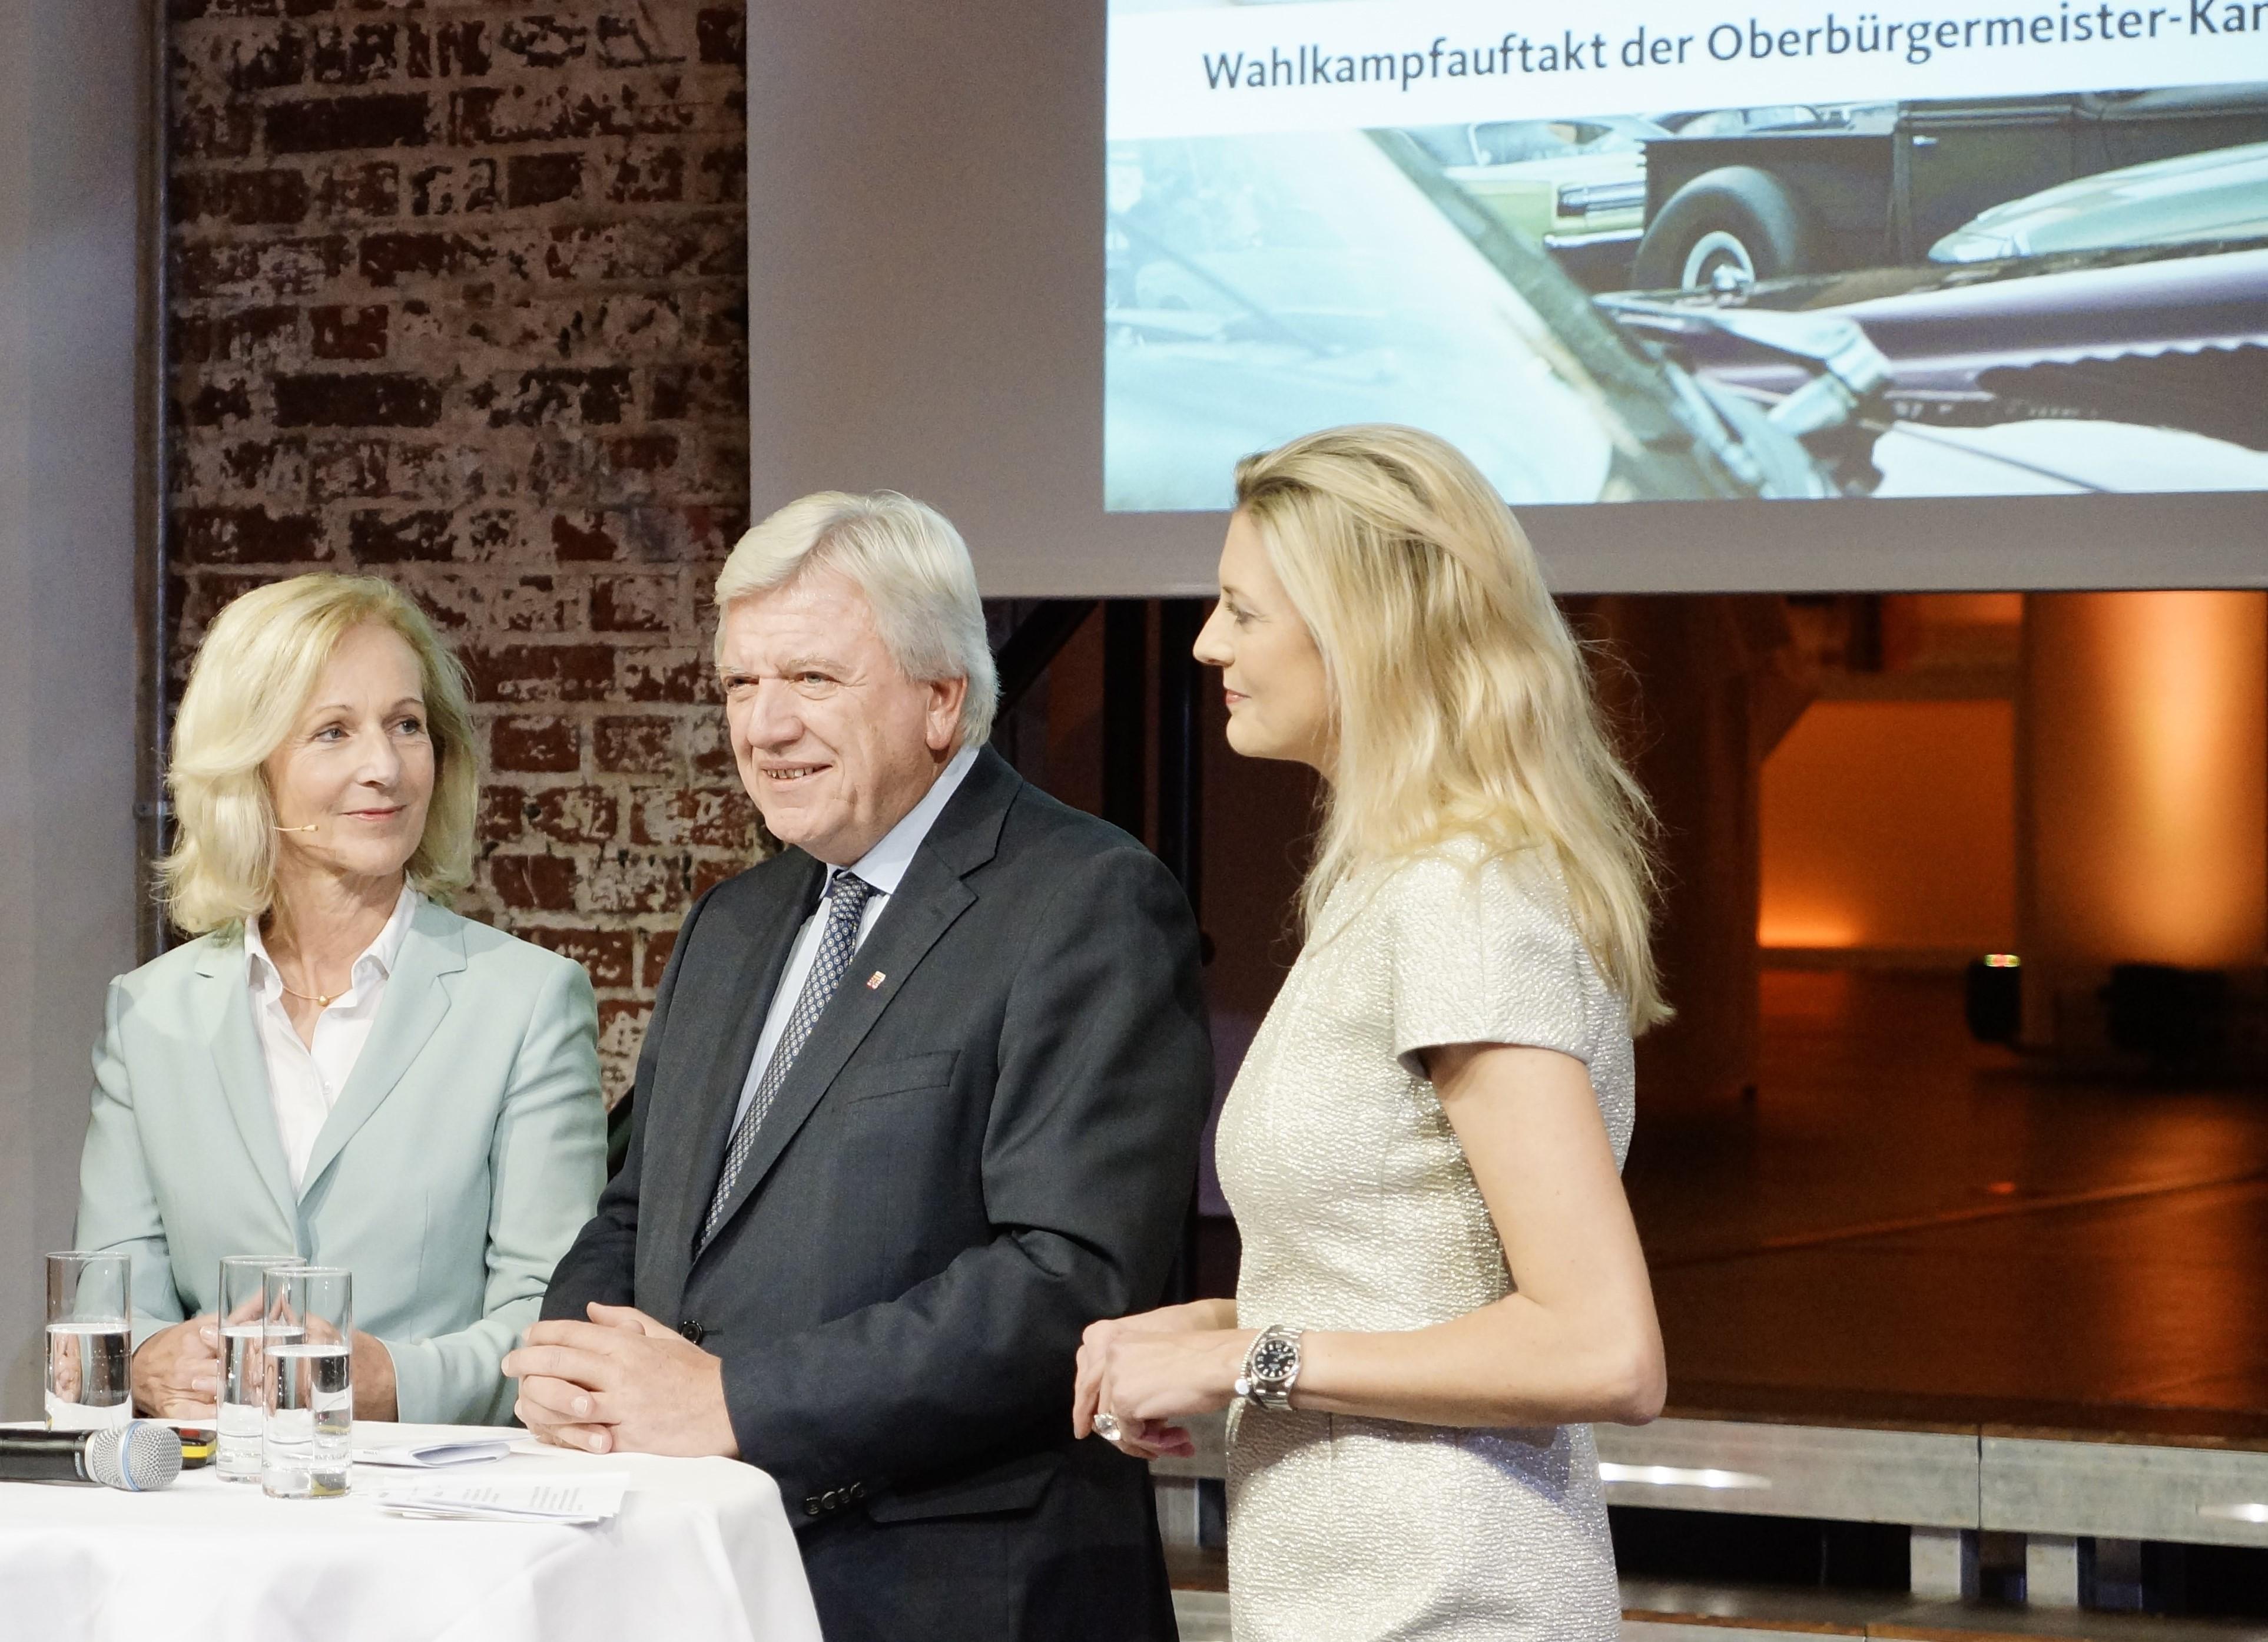 Mit Volker Bouffier